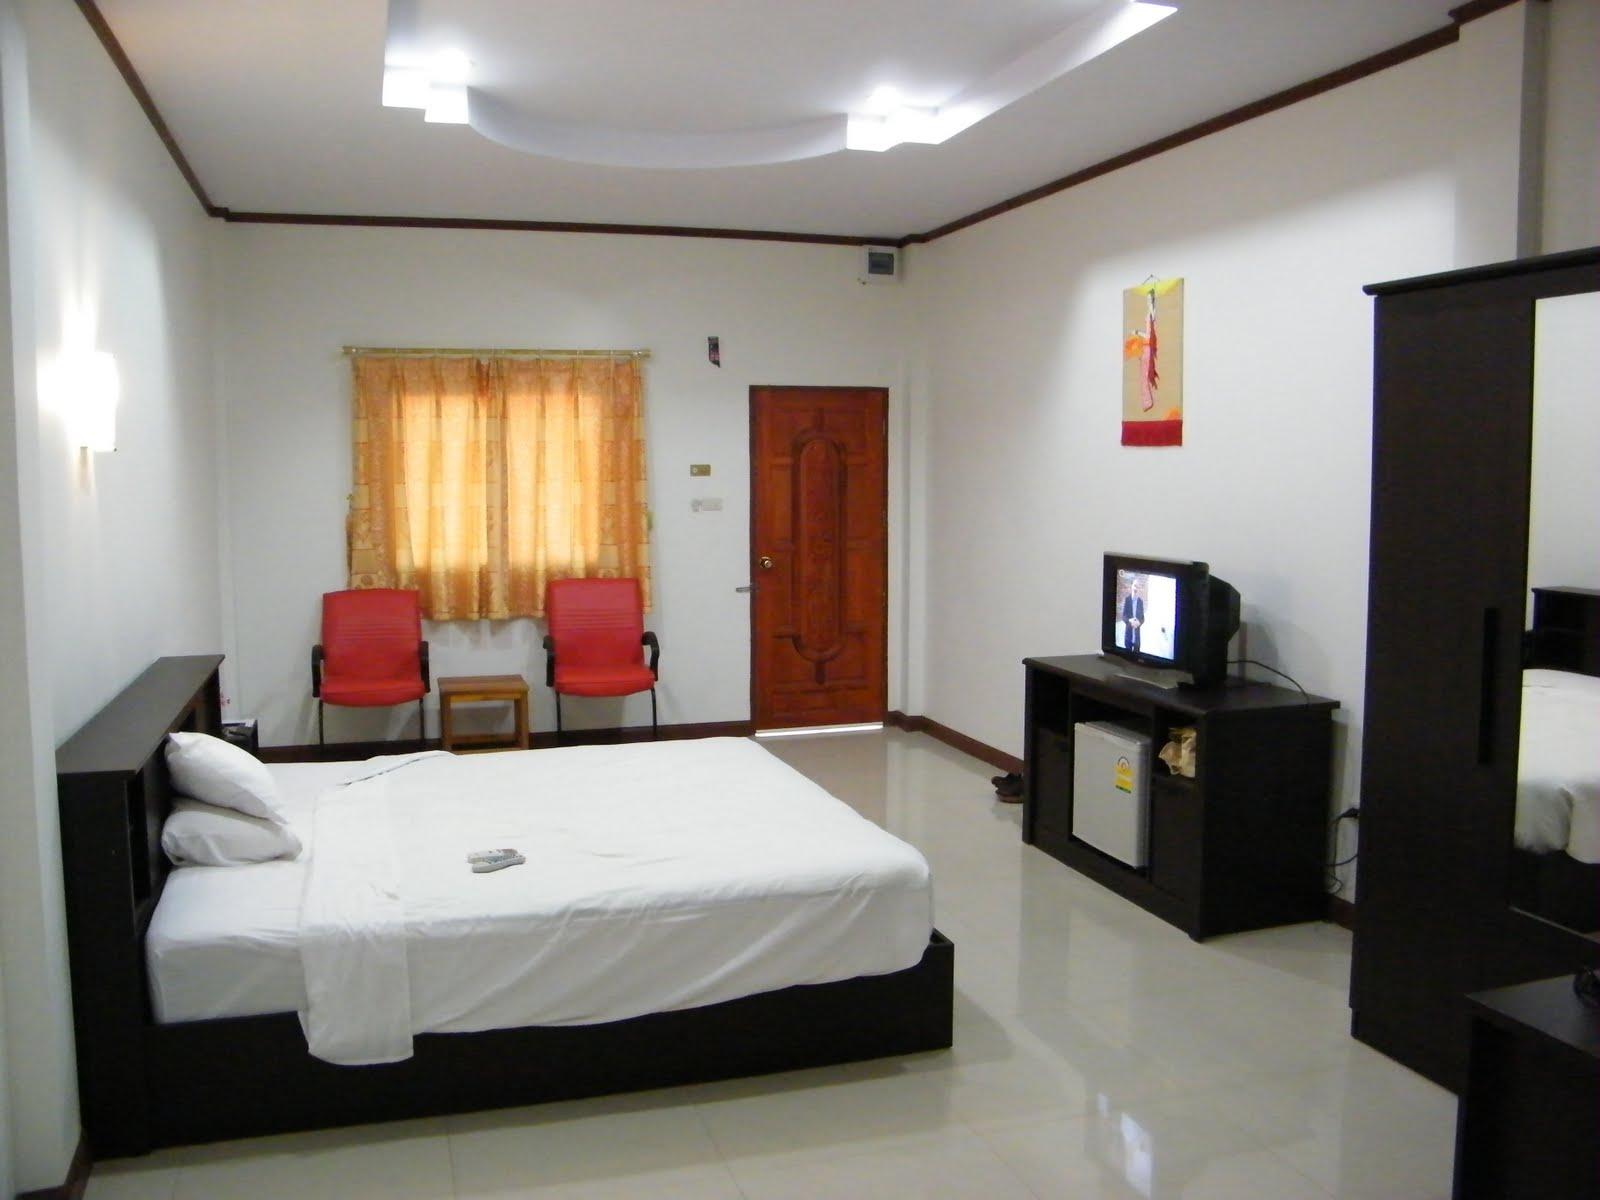 Ban Dung Issan Blog Thailand: MB Hotel Bang Dung Issan